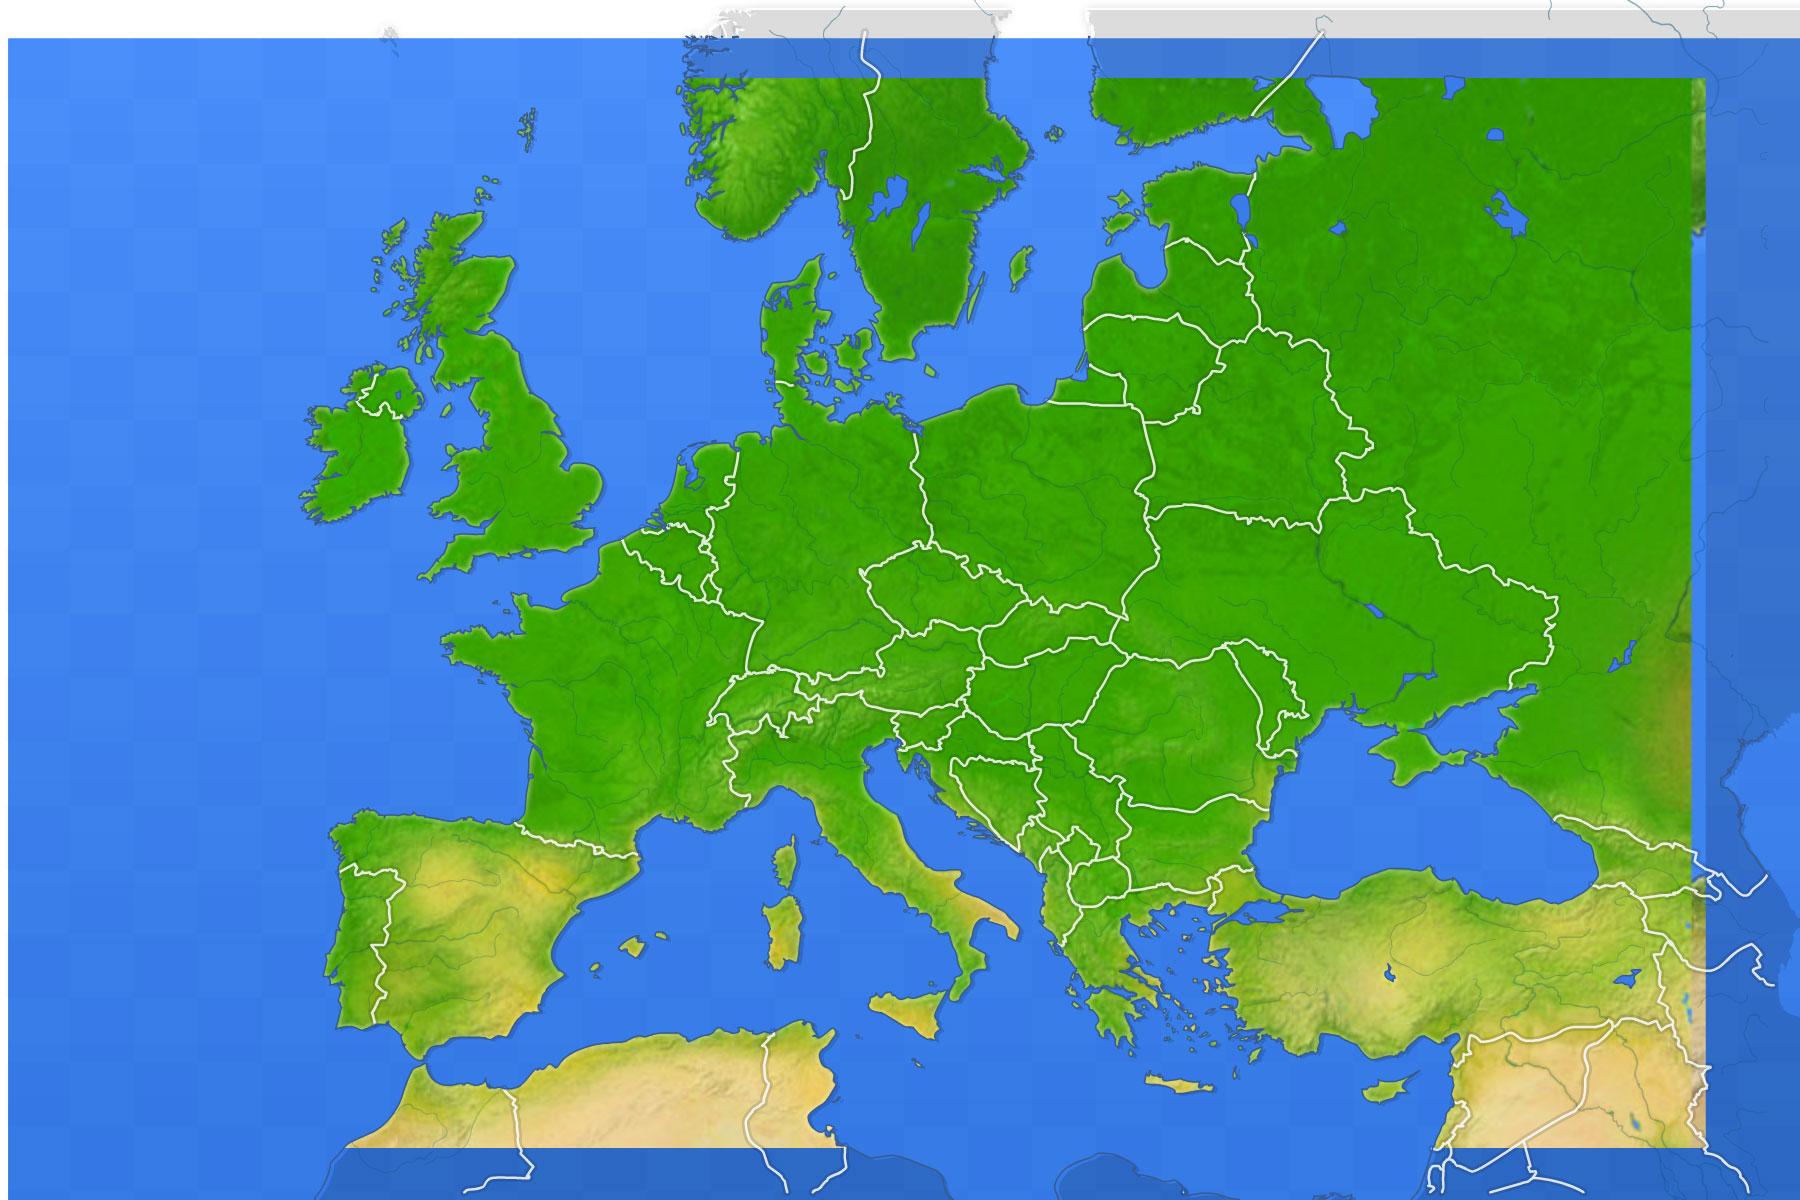 Jeux-Geographiques Jeux Gratuits Jeu Villes D Europe avec Jeu Geographie France